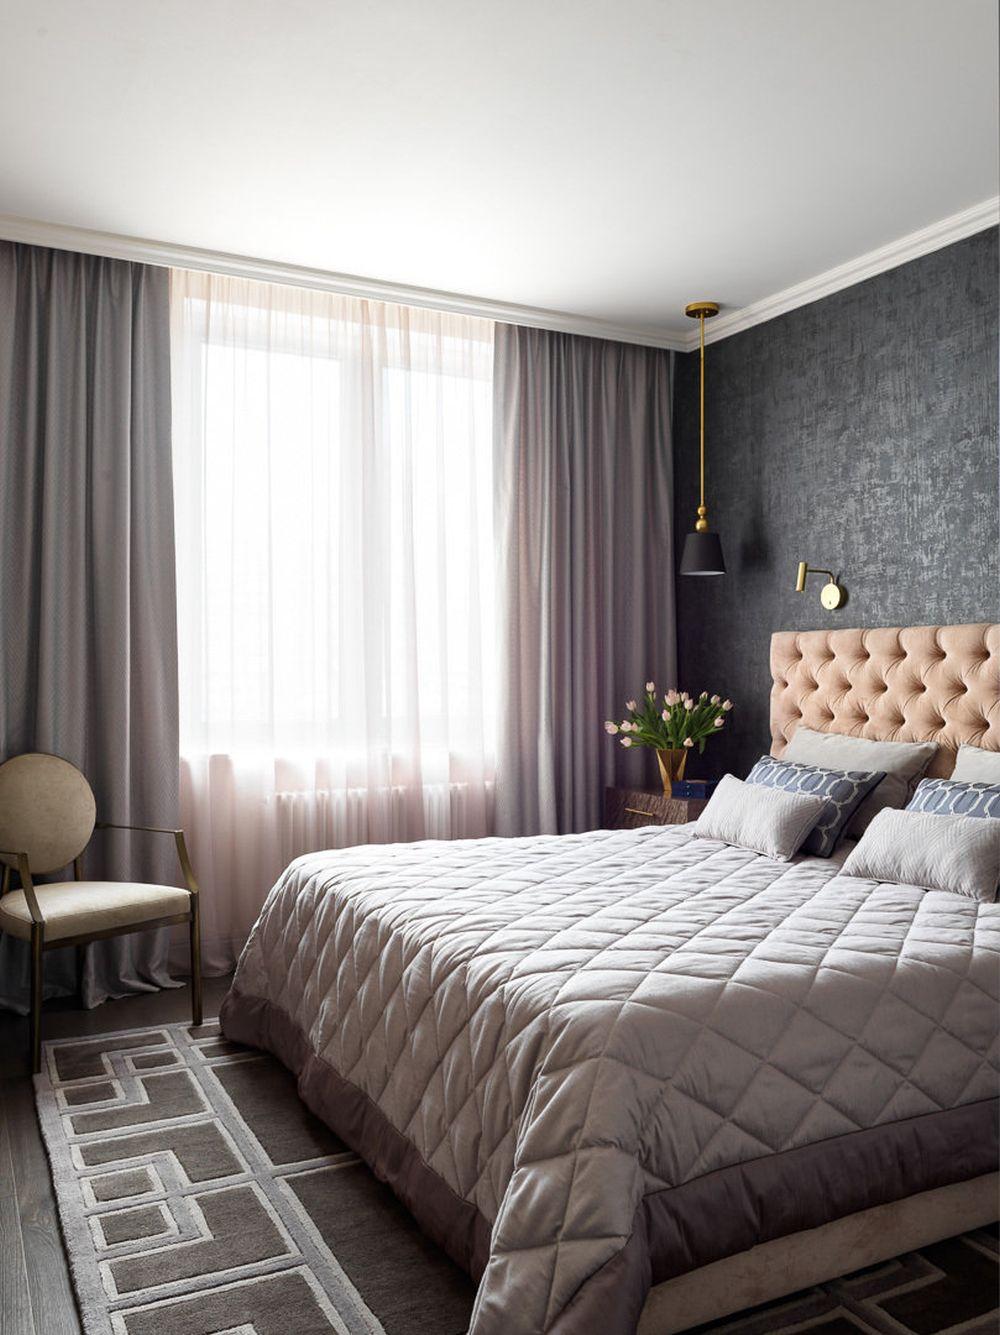 adelaparvu.com despre apartament elegant 90 mp, Moscova, designer Zhenya Zhdanova, Foto Maria Irinarkhova si Stephan Julliard (21)